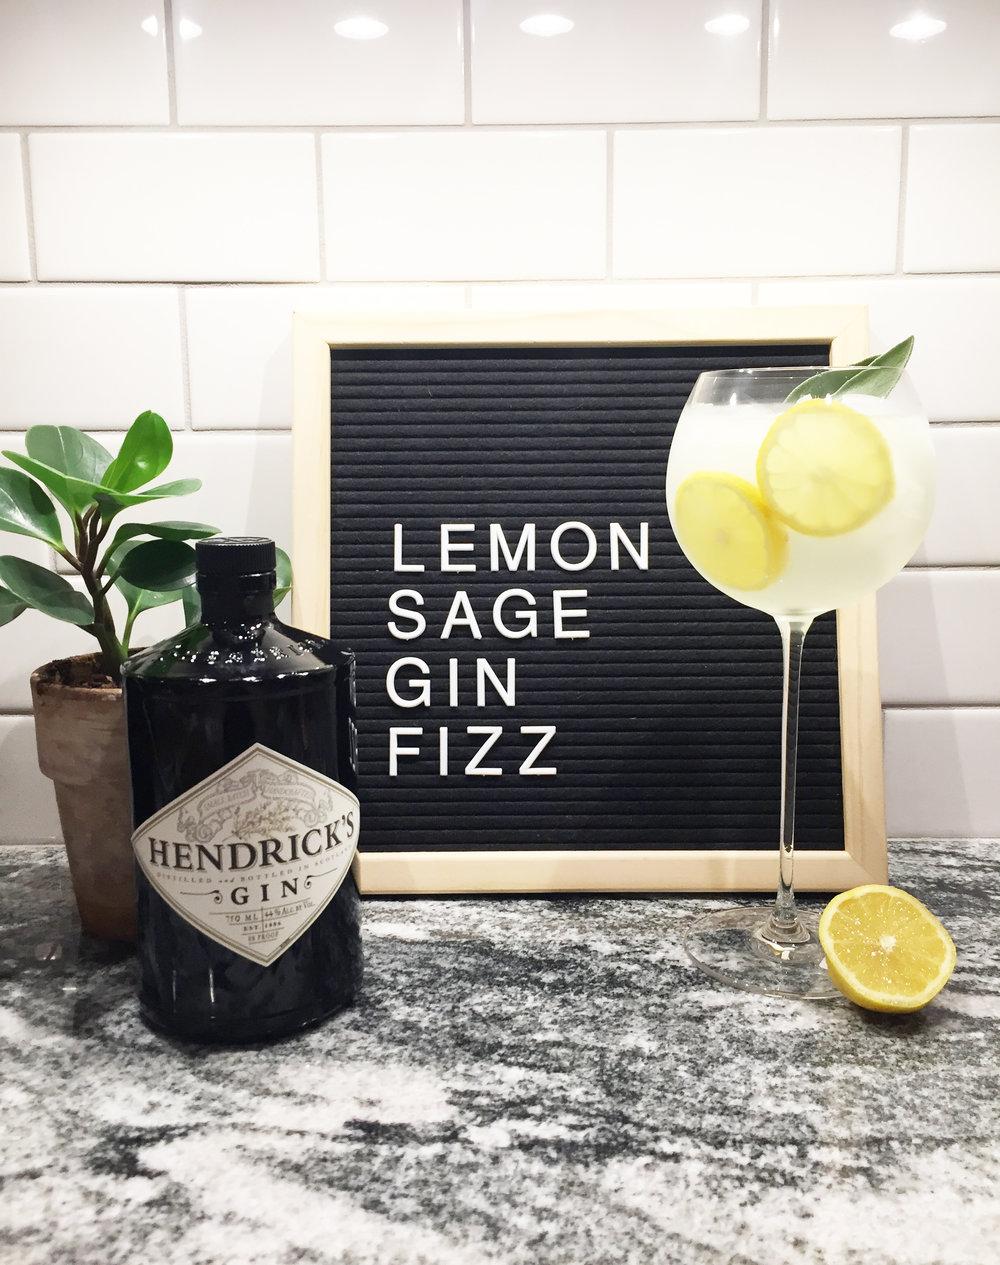 Lemon Sage Gin Fizz